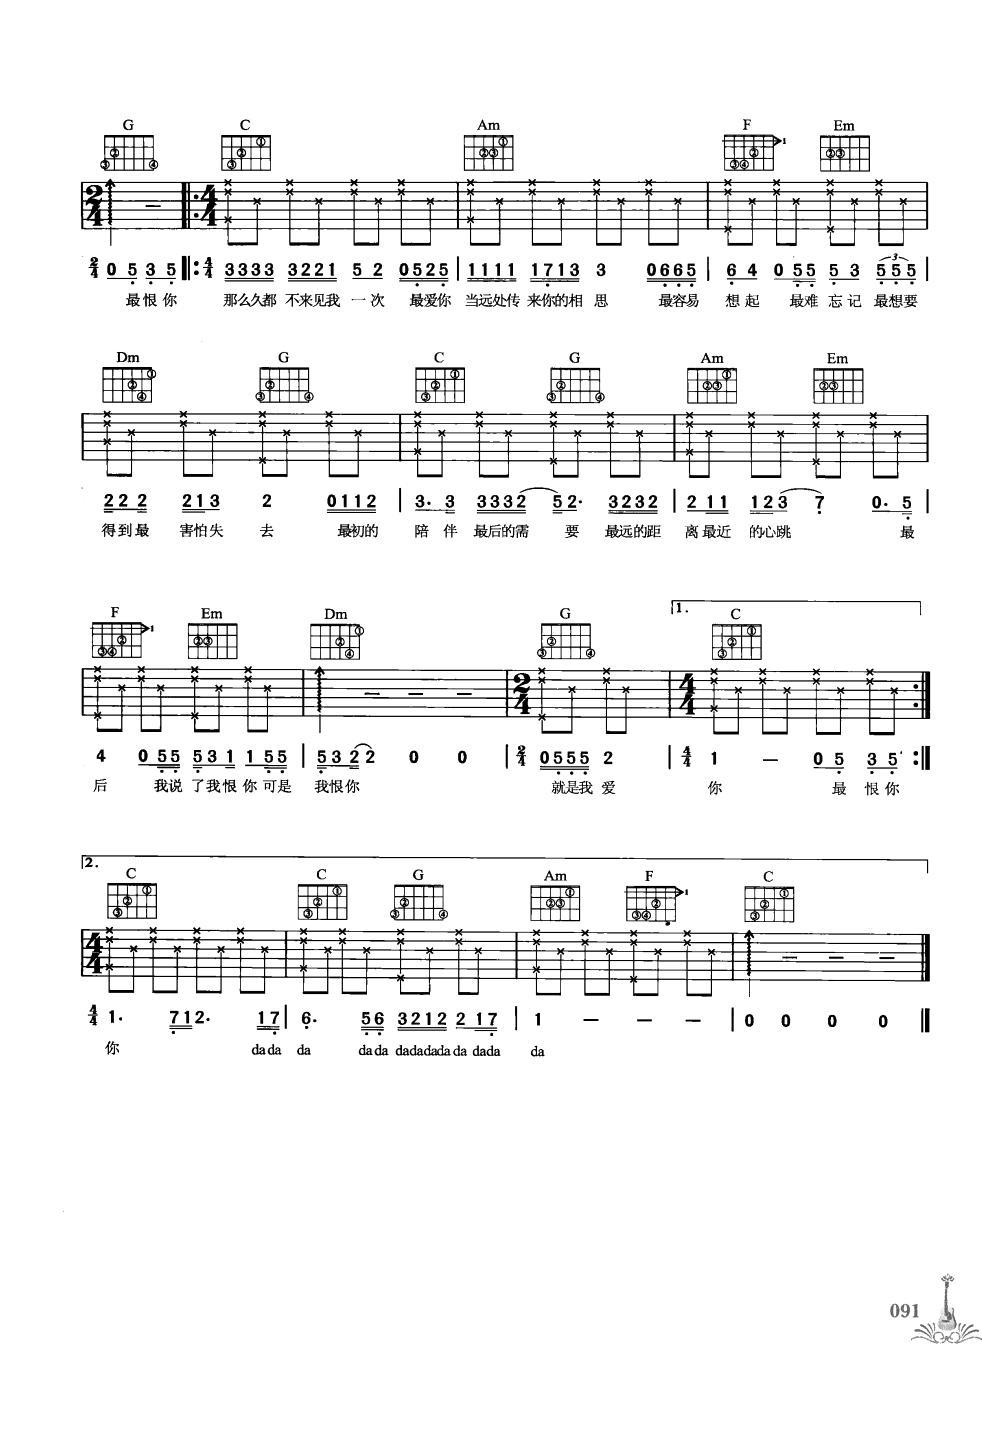 最天使 吉他谱 谱酷吉他谱 @pucool 最好的吉他谱网站